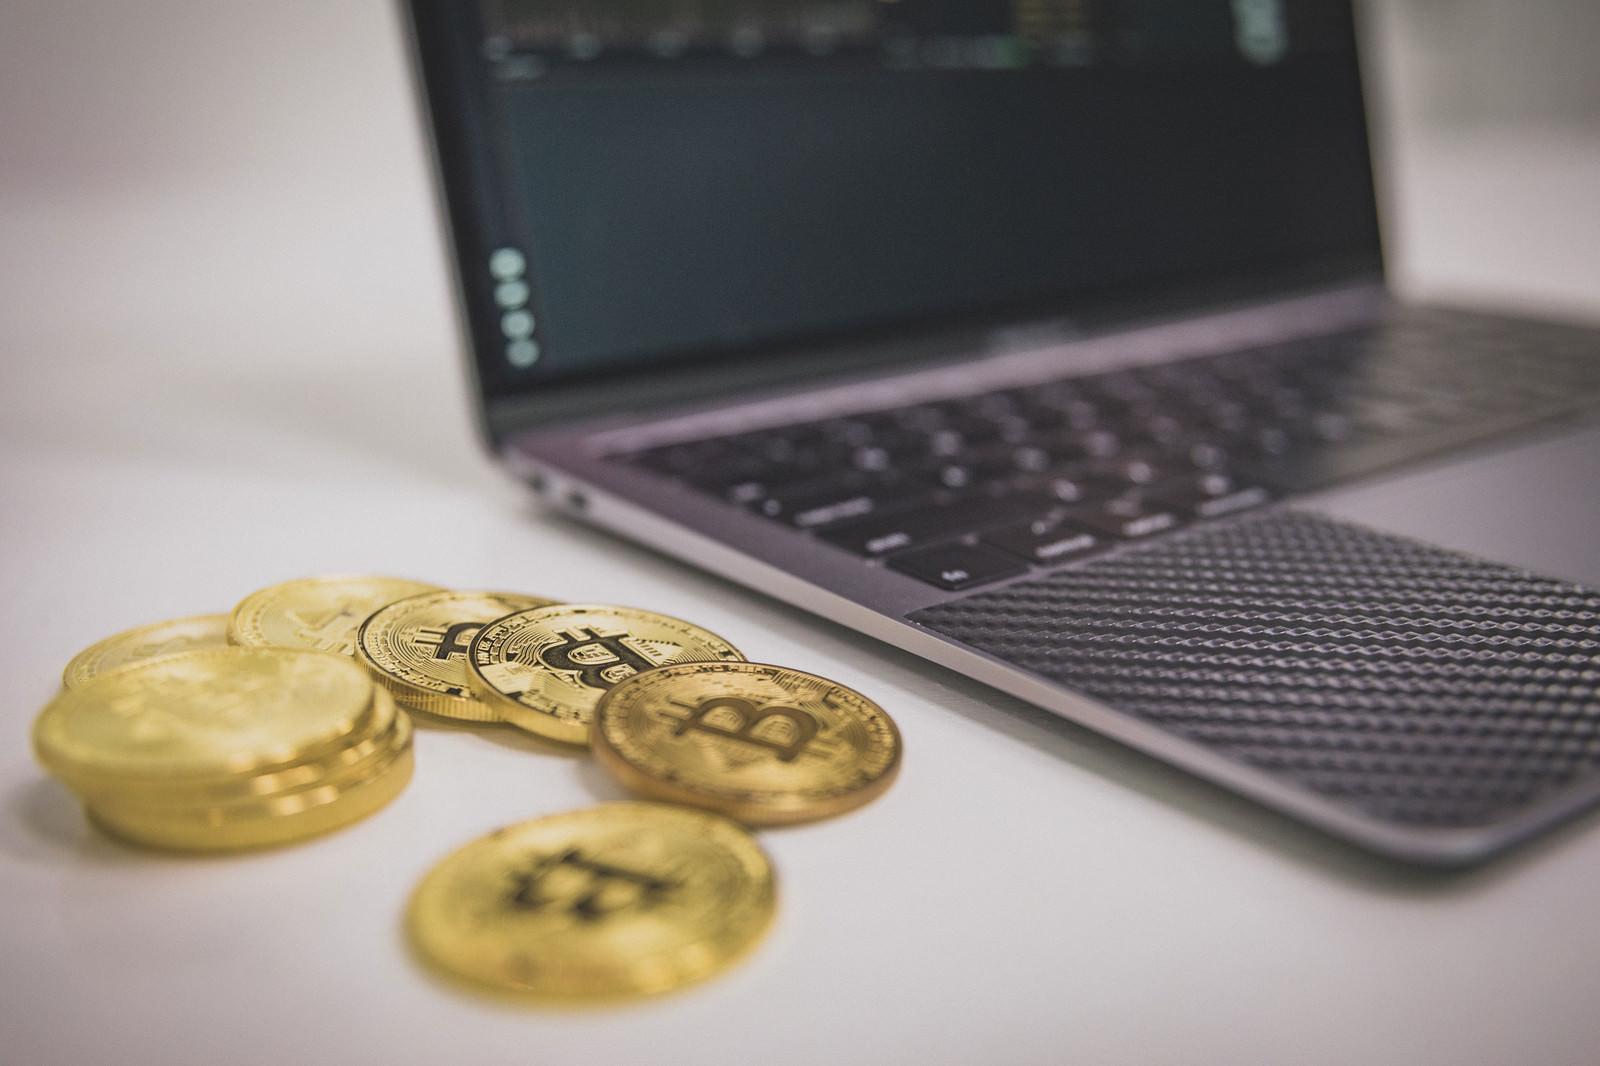 「ビットコインの電子売買」の写真